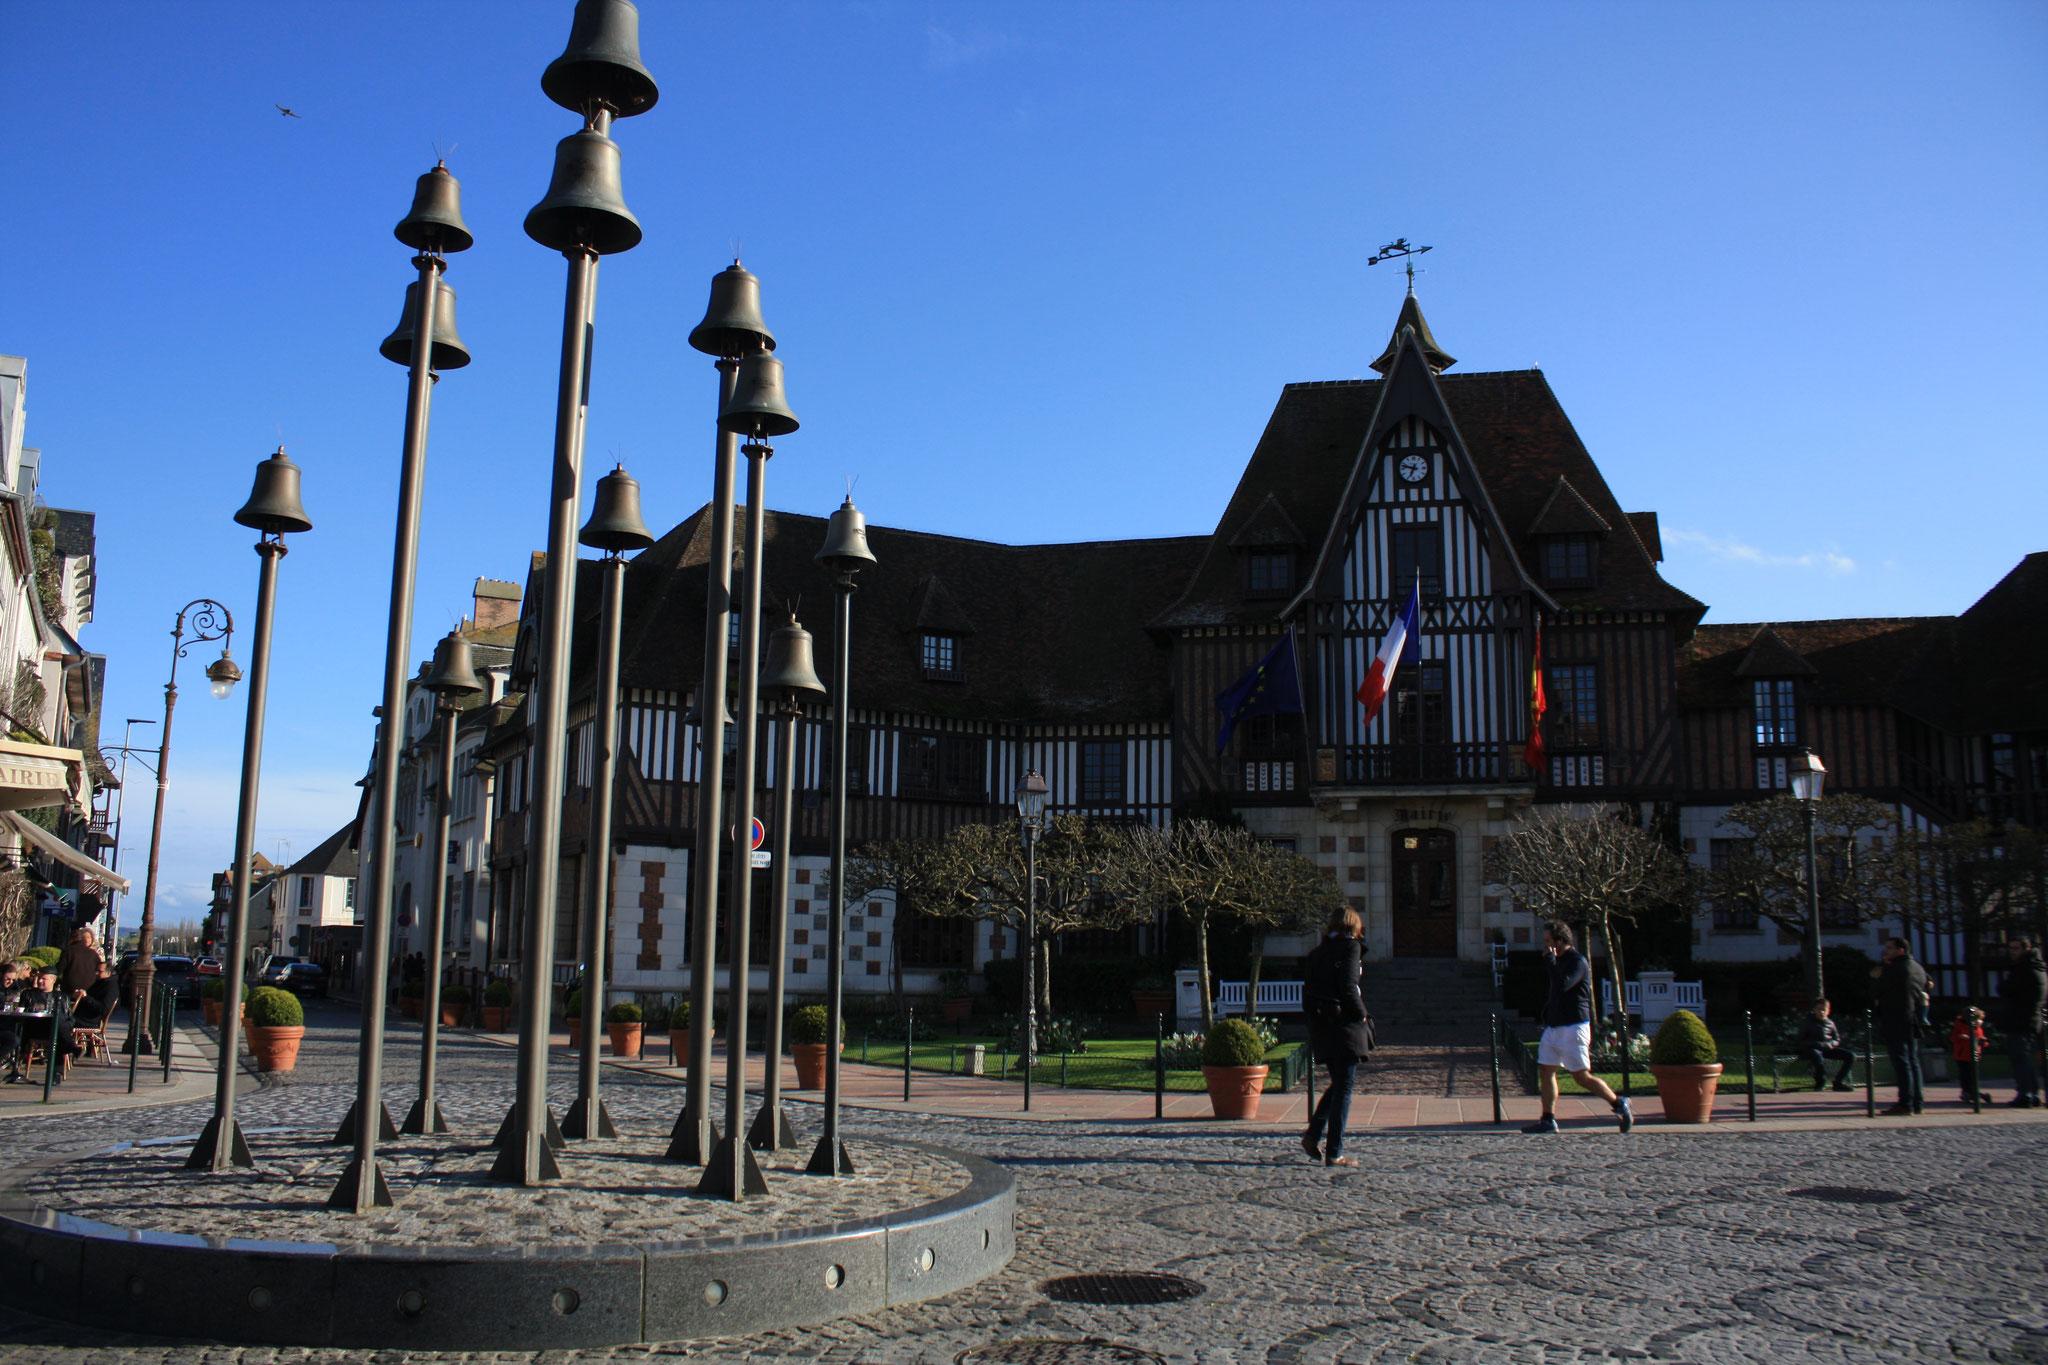 Нормандия-Бретань-Незнакомая Луара. 12 дней. 1420 евро в мини-группе из 5 человек.